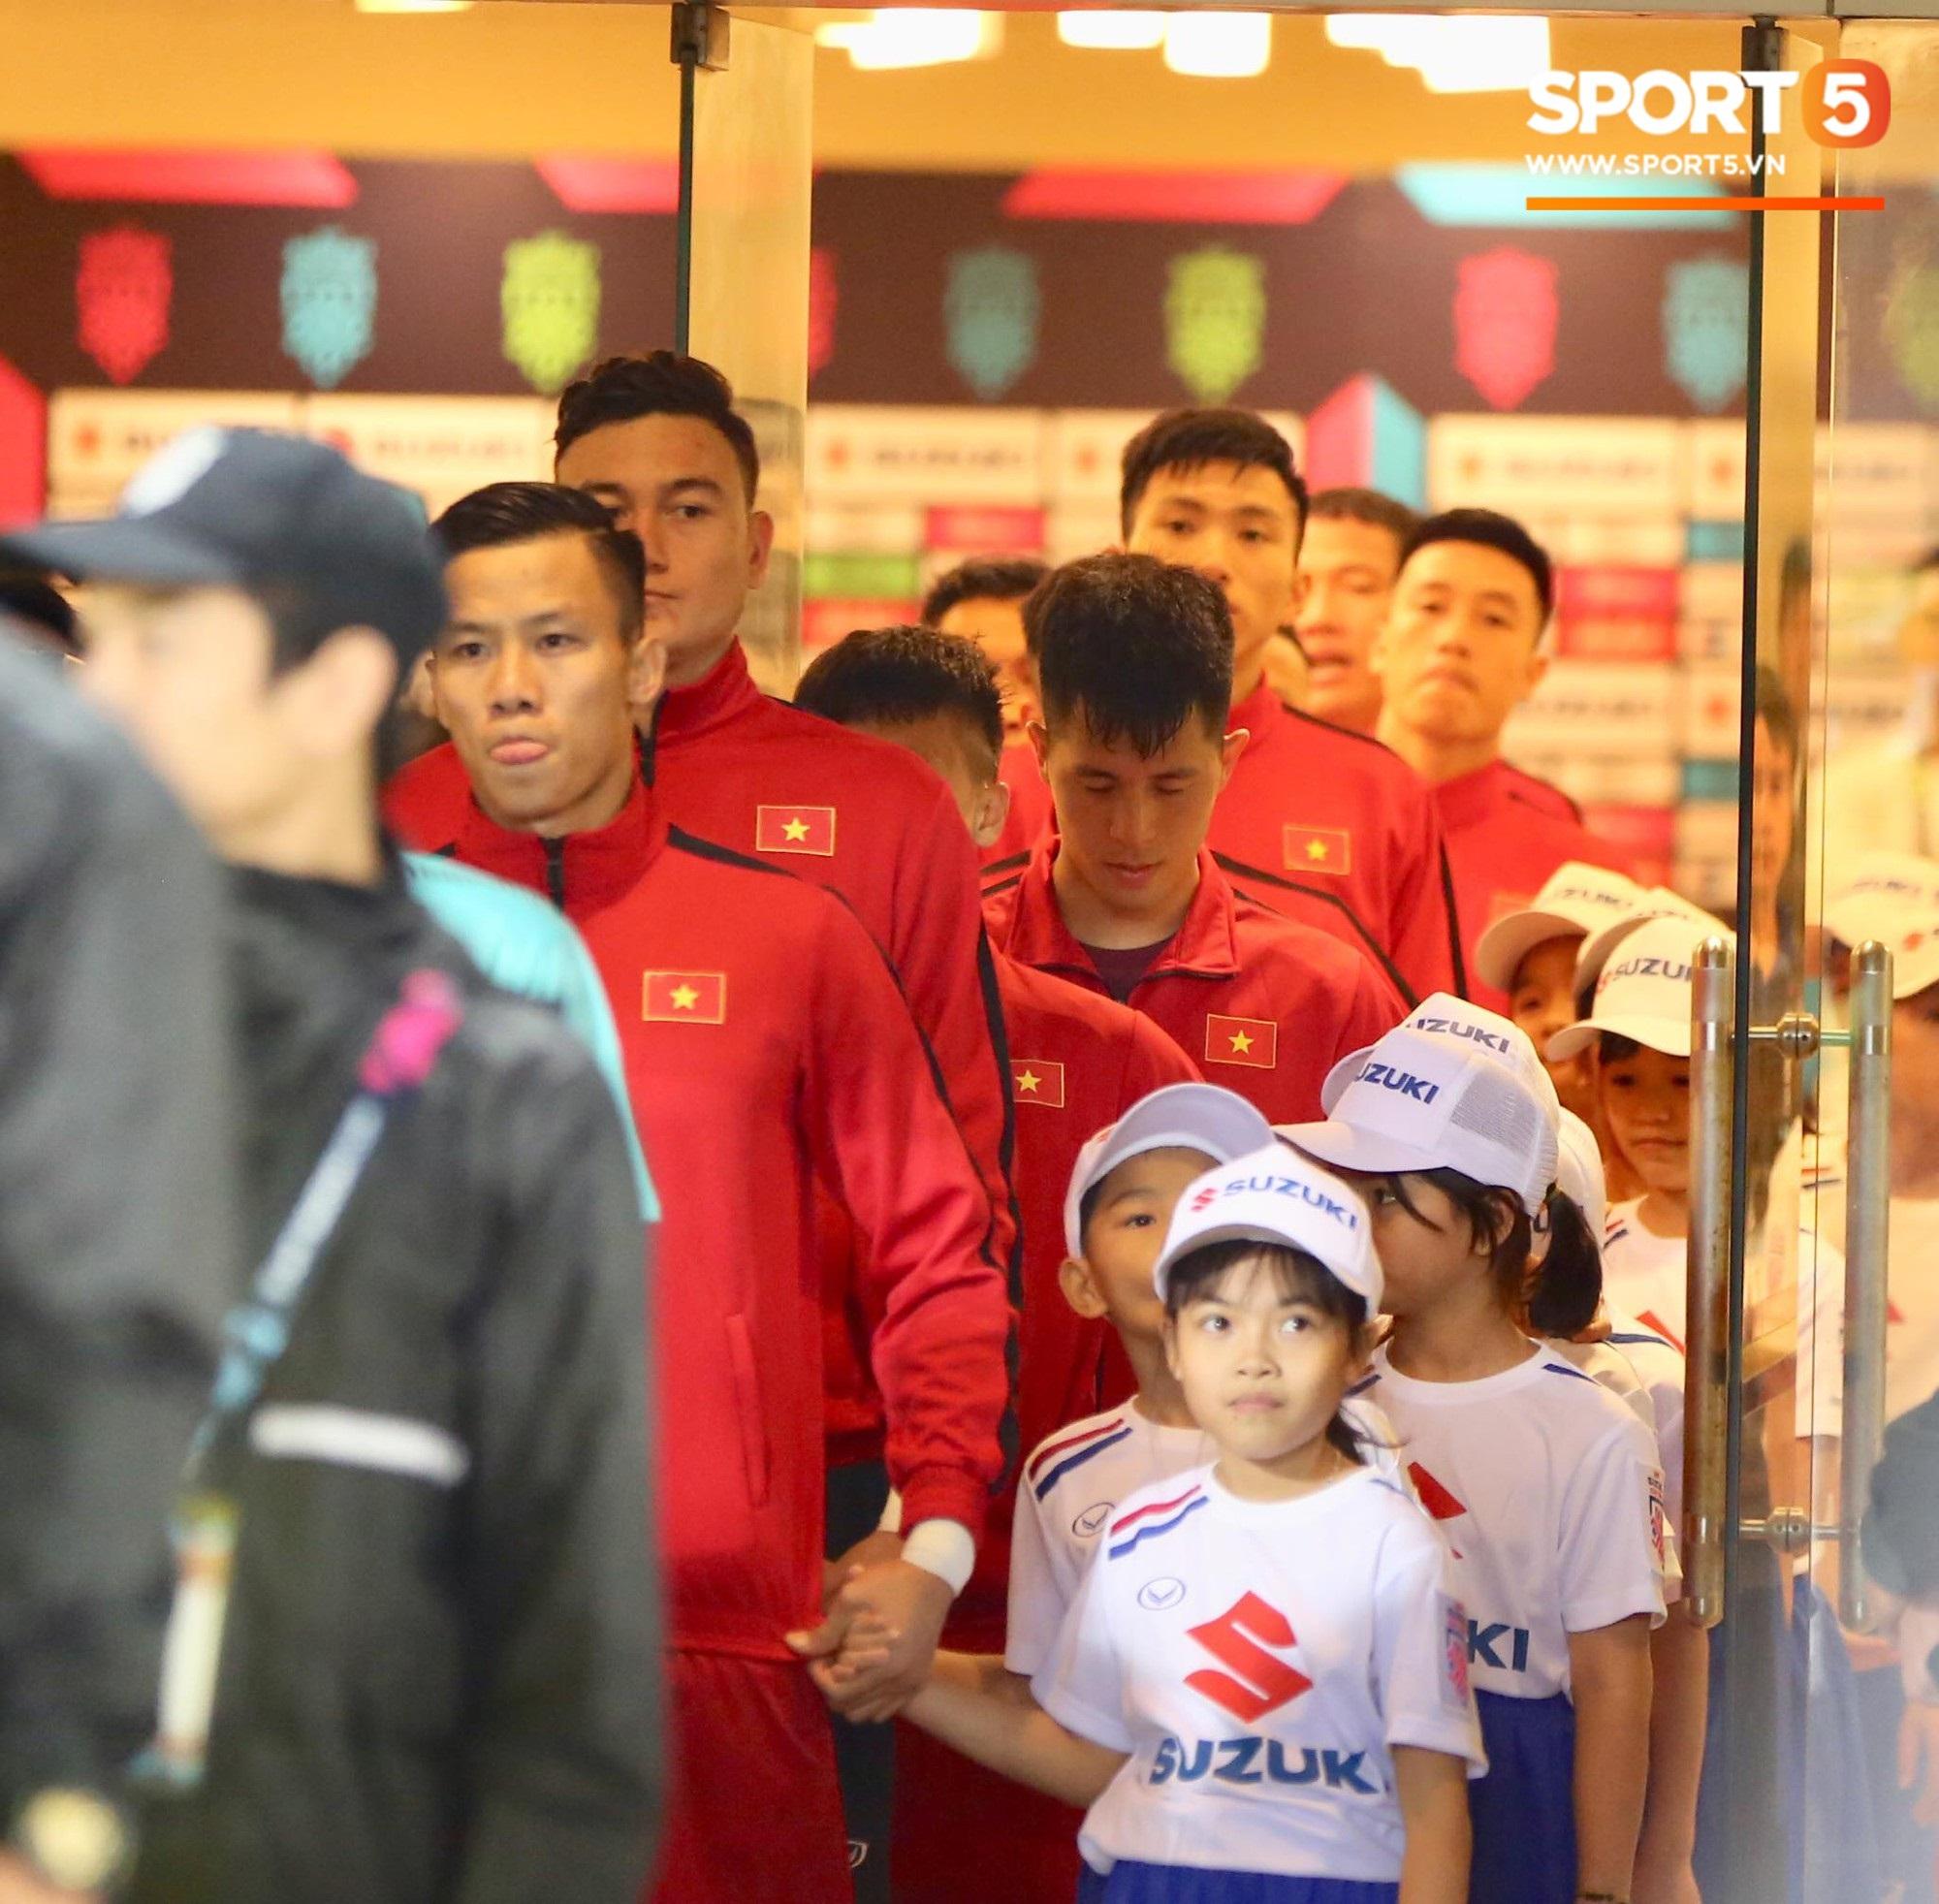 Giây phút chào cờ xúc động của đội tuyển Việt Nam, Đình Trọng, Hồng Duy cùng cầu nguyện trước khi xung trận - Ảnh 3